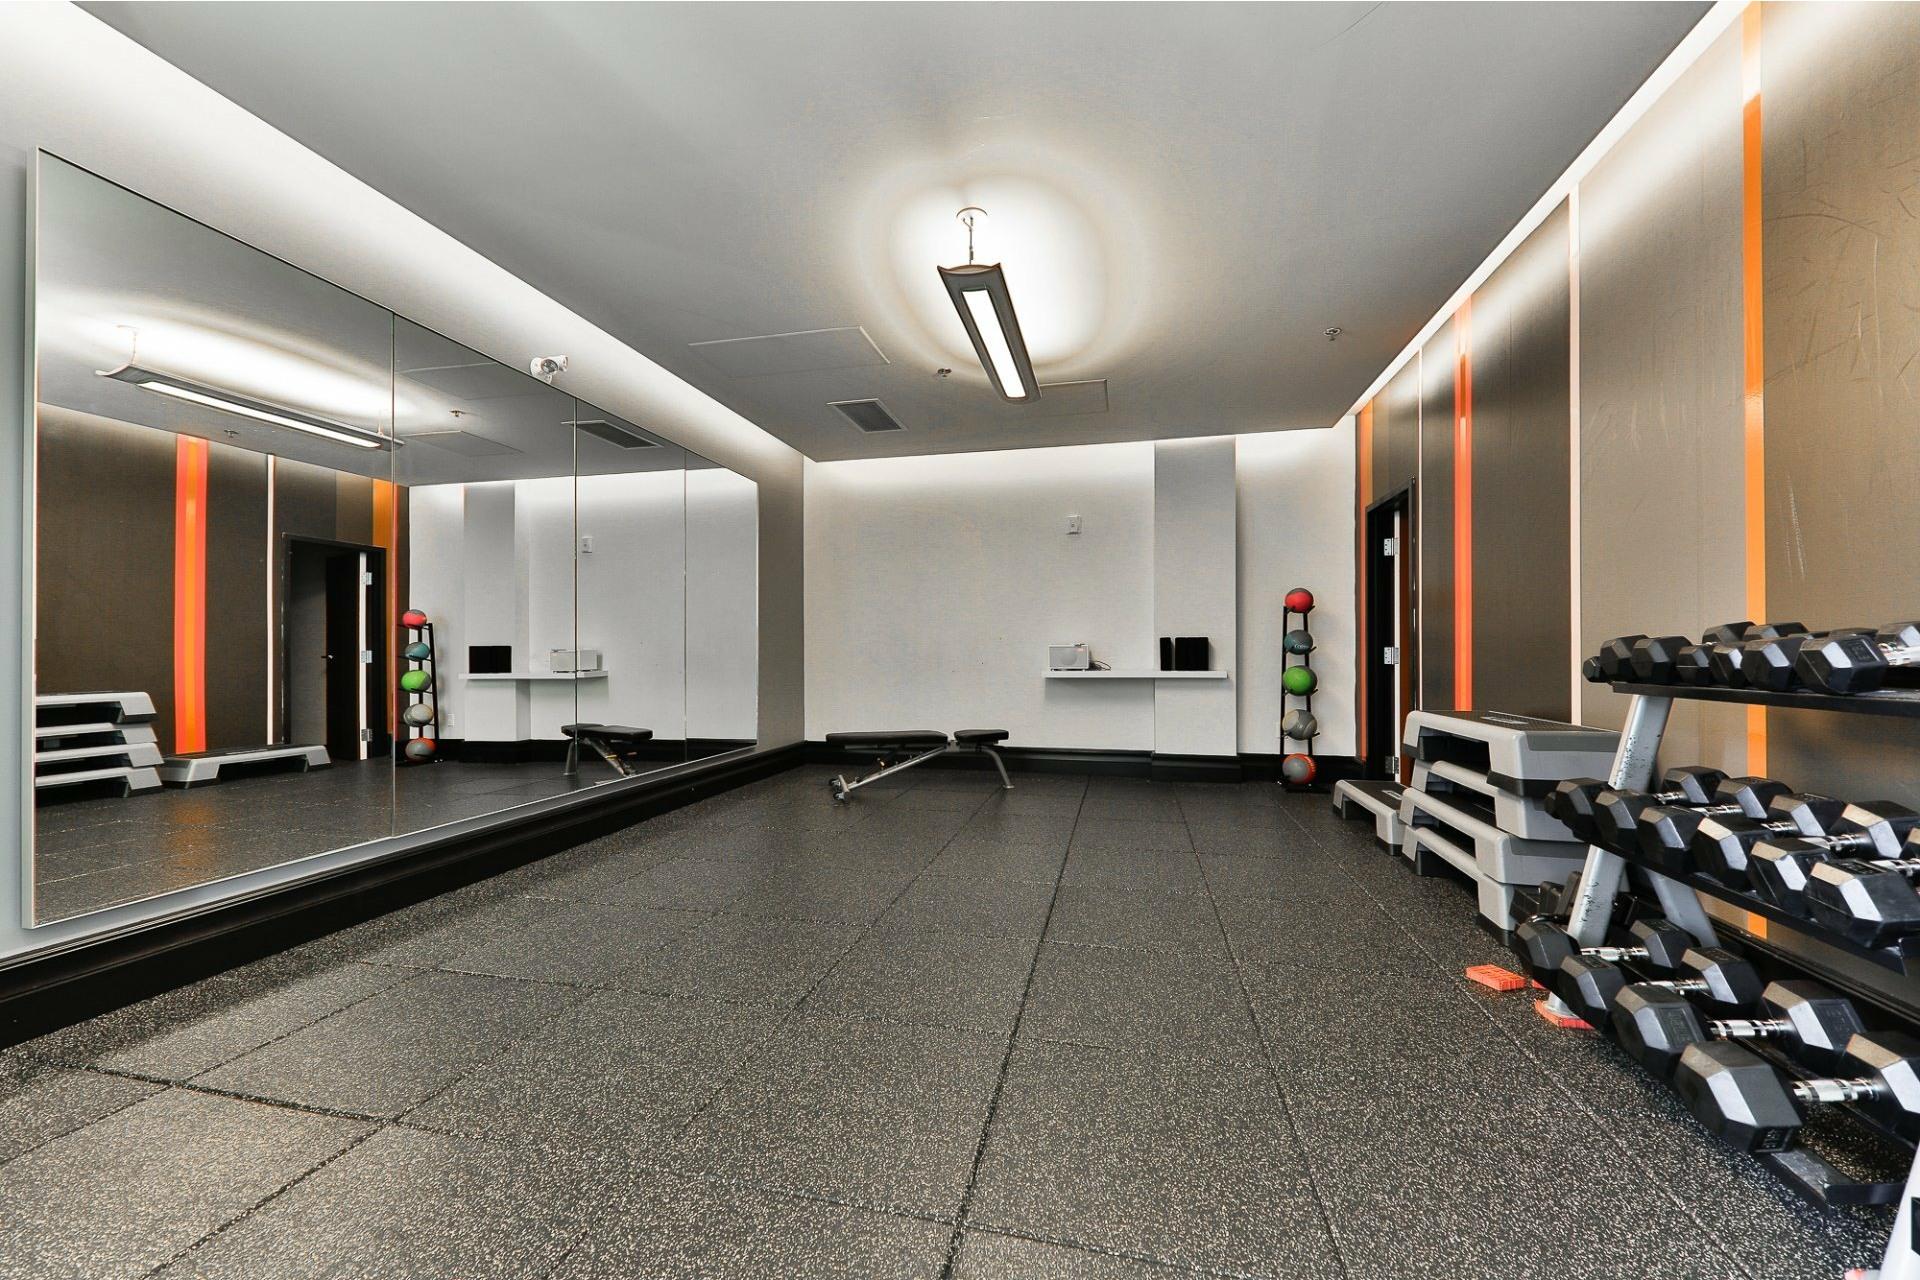 image 10 - Appartement À vendre Villeray/Saint-Michel/Parc-Extension Montréal  - 4 pièces